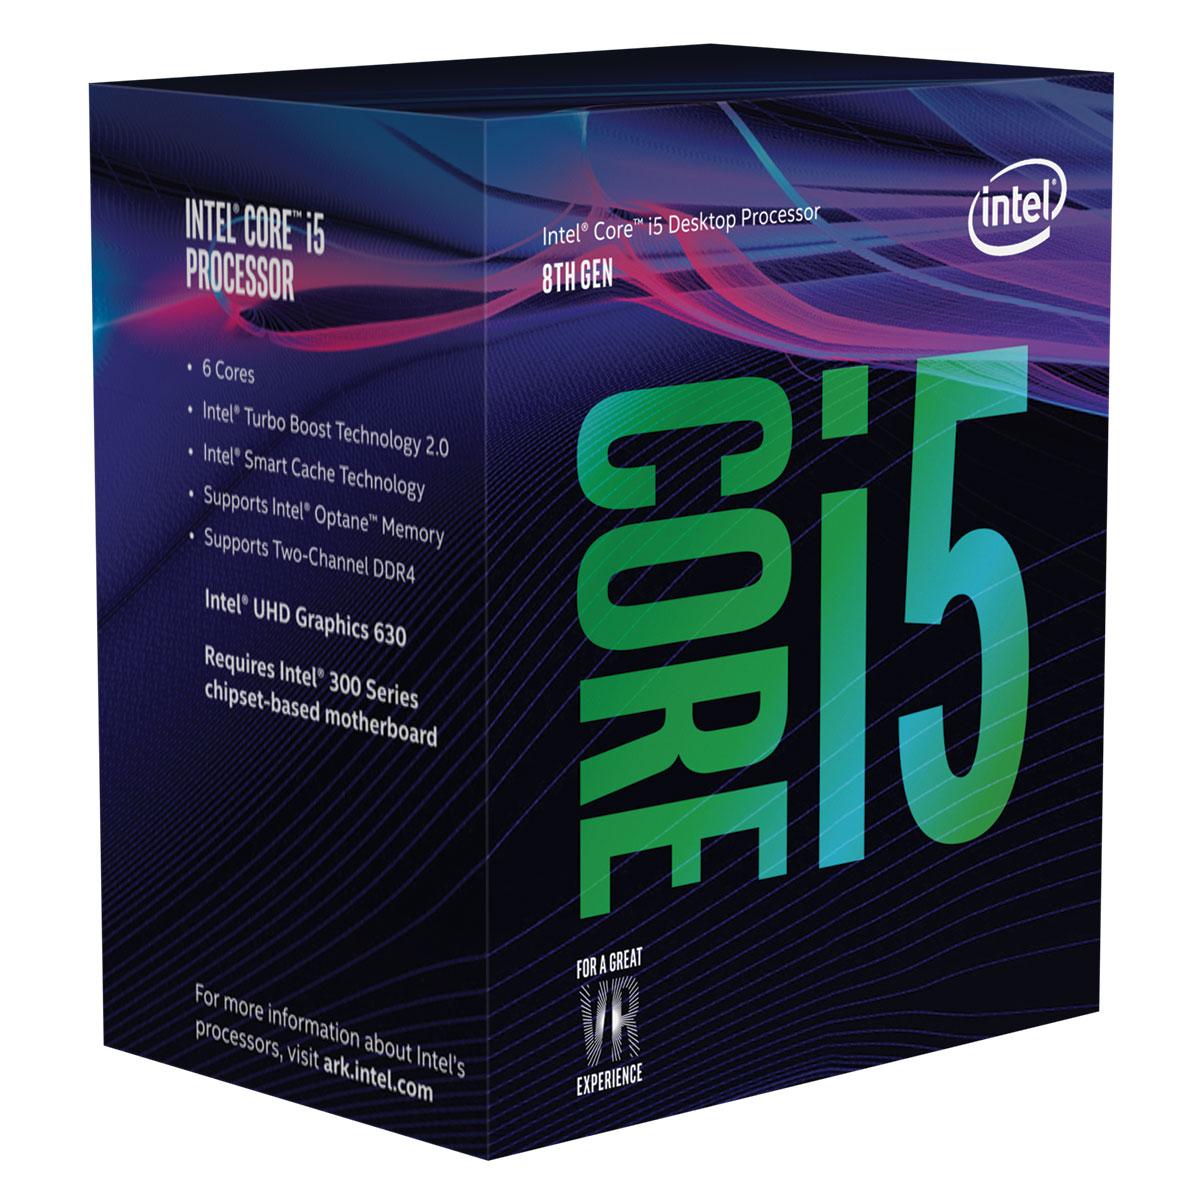 Processeur Intel Core i5-8600 (3.1 GHz) Processeur 6-Core Socket 1151 Cache L3 9 Mo Intel UHD Graphics 630 0.014 micron (version boîte - garantie Intel 3 ans)